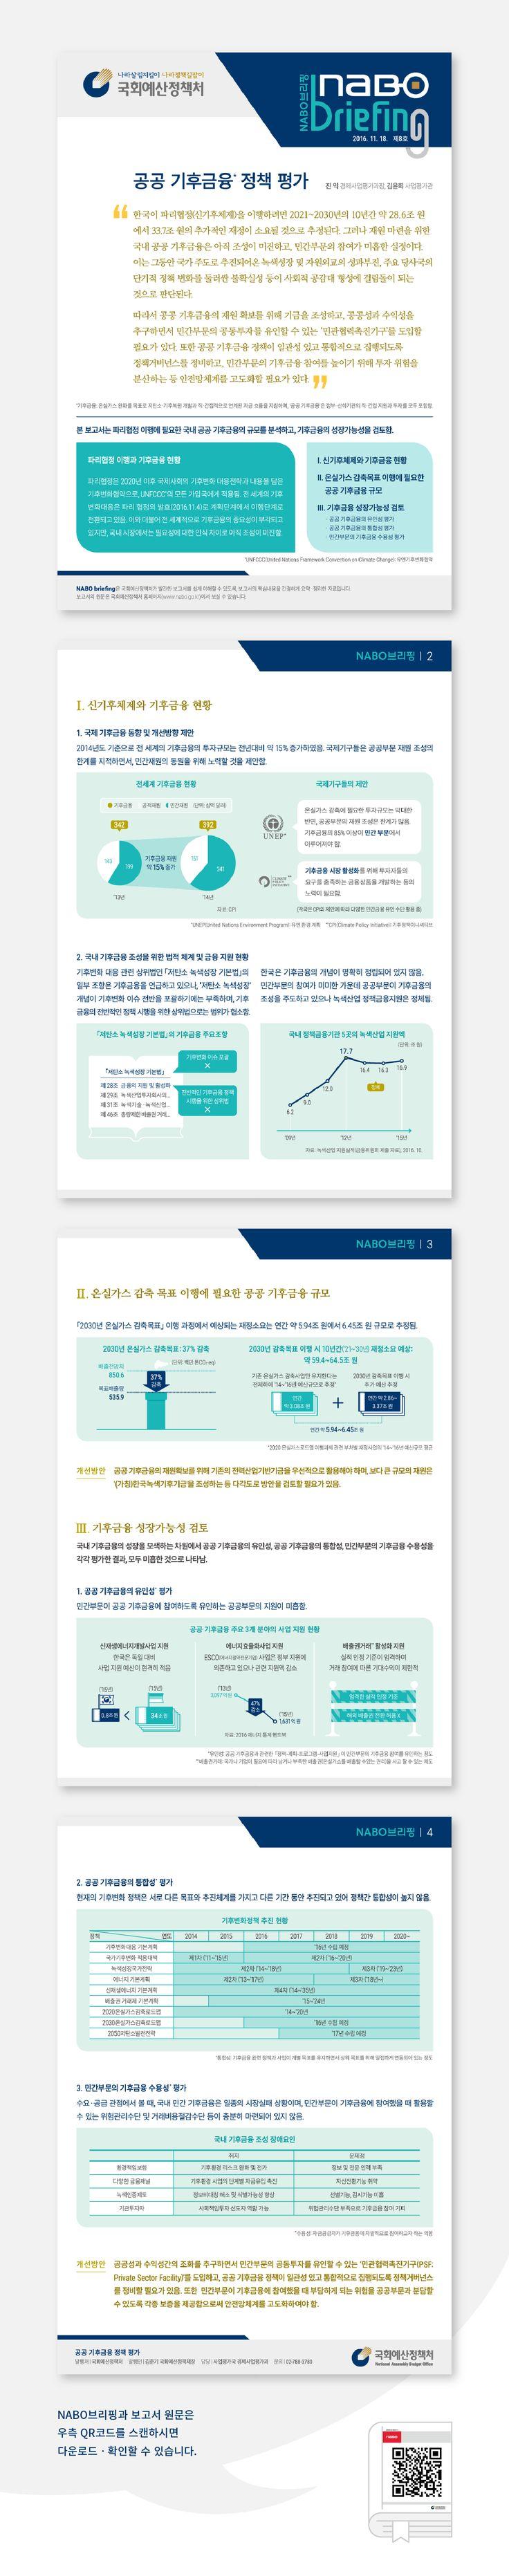 [국회예산정책처] 공공 기후금융 정책에 관한 보고서를 요약한 인포그래픽